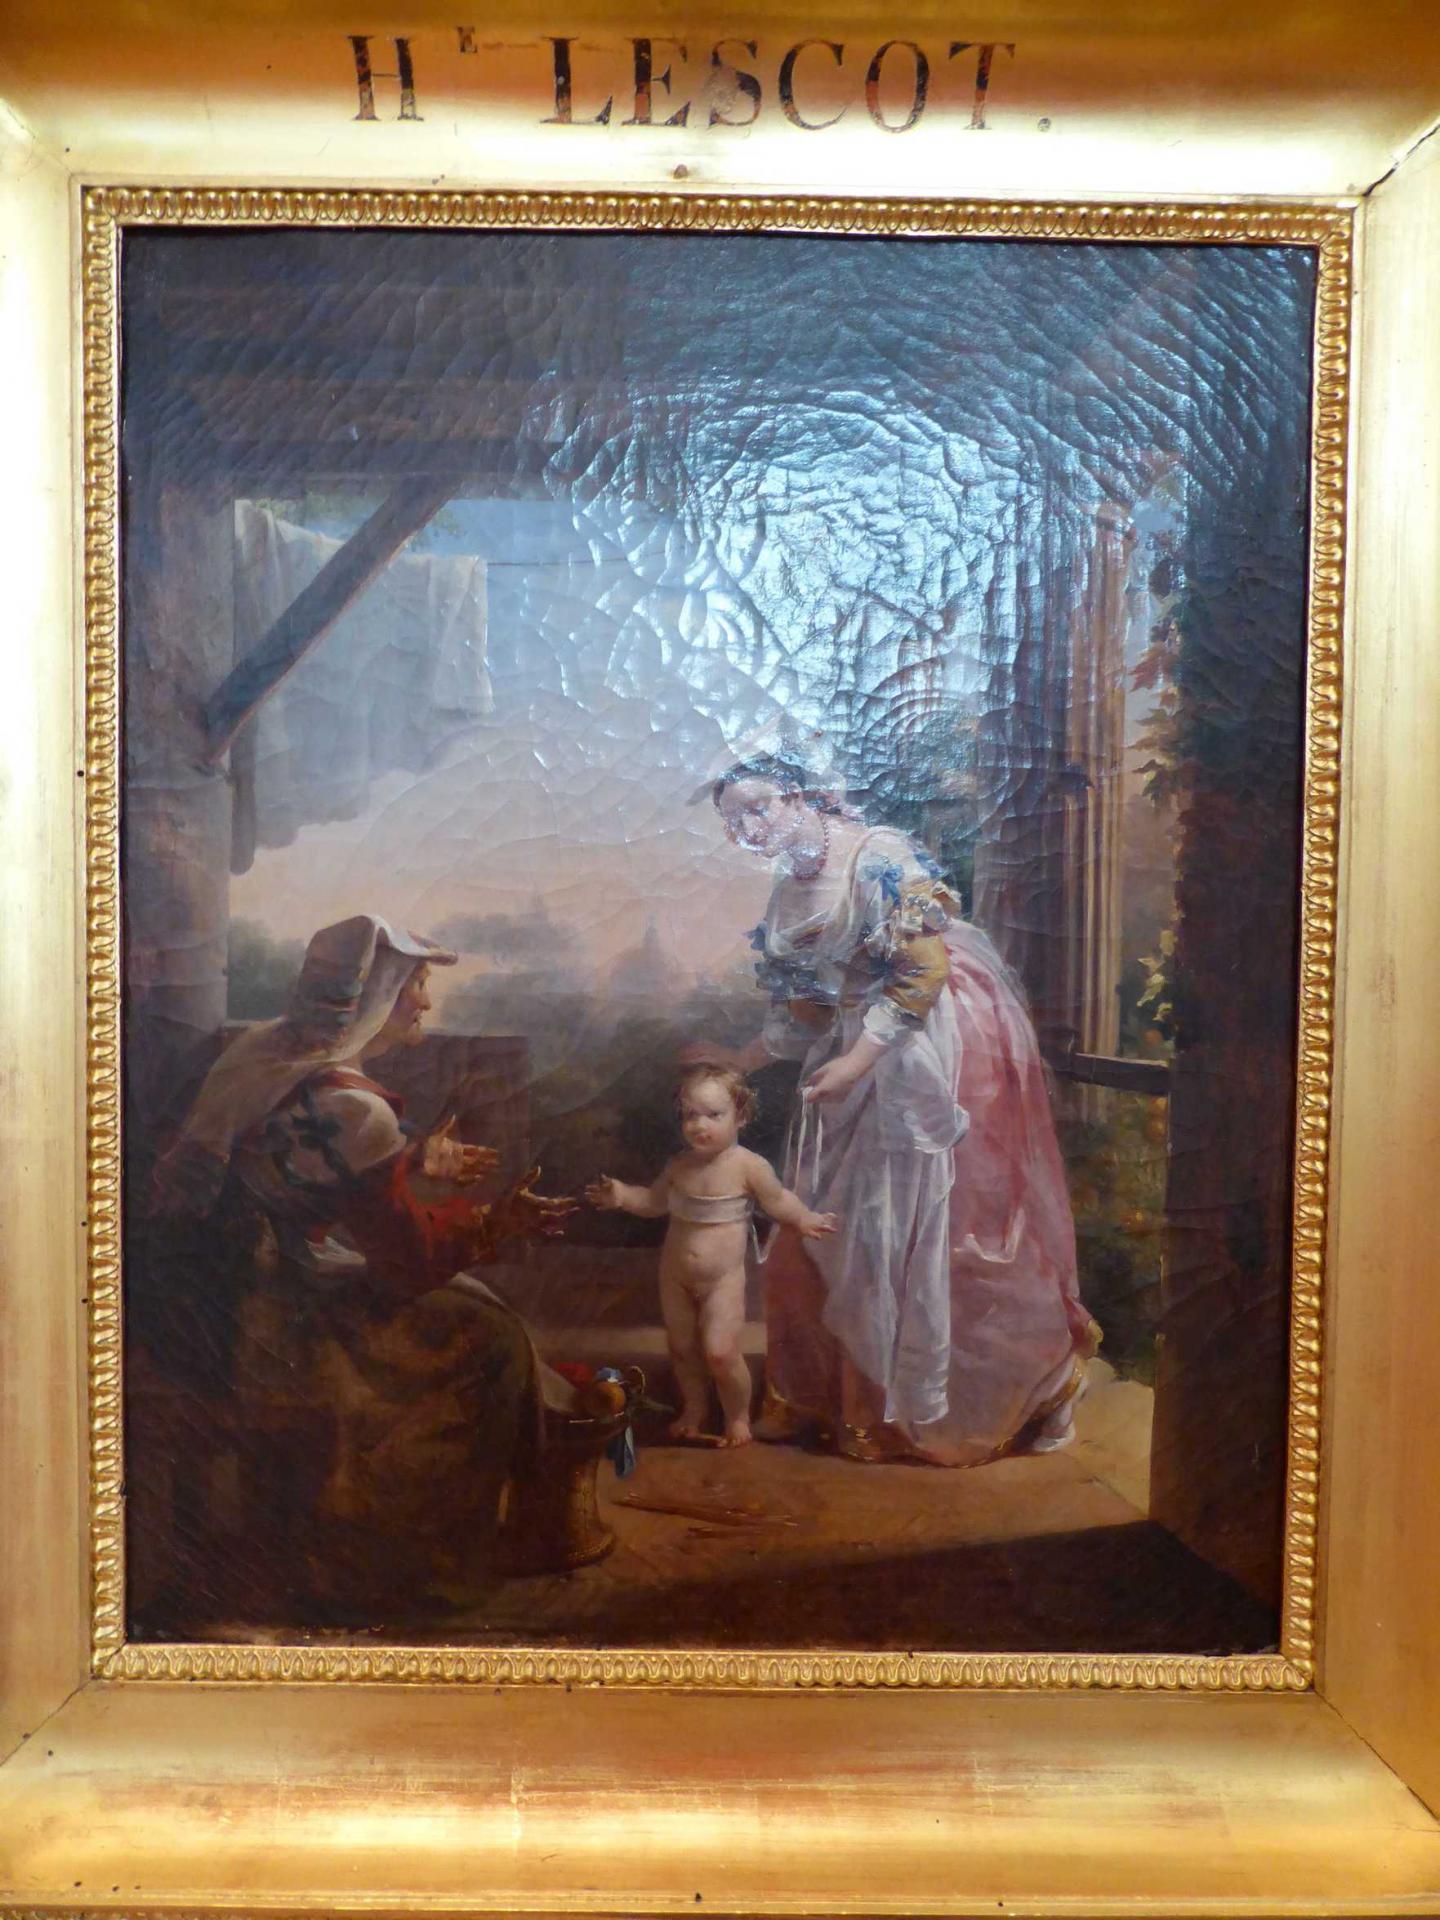 Antoinette Haudebourg-Lescot, Les premiers pas de l'enfance, 1818, Libourne, Musée municipal (cl. Ph. Cachau)